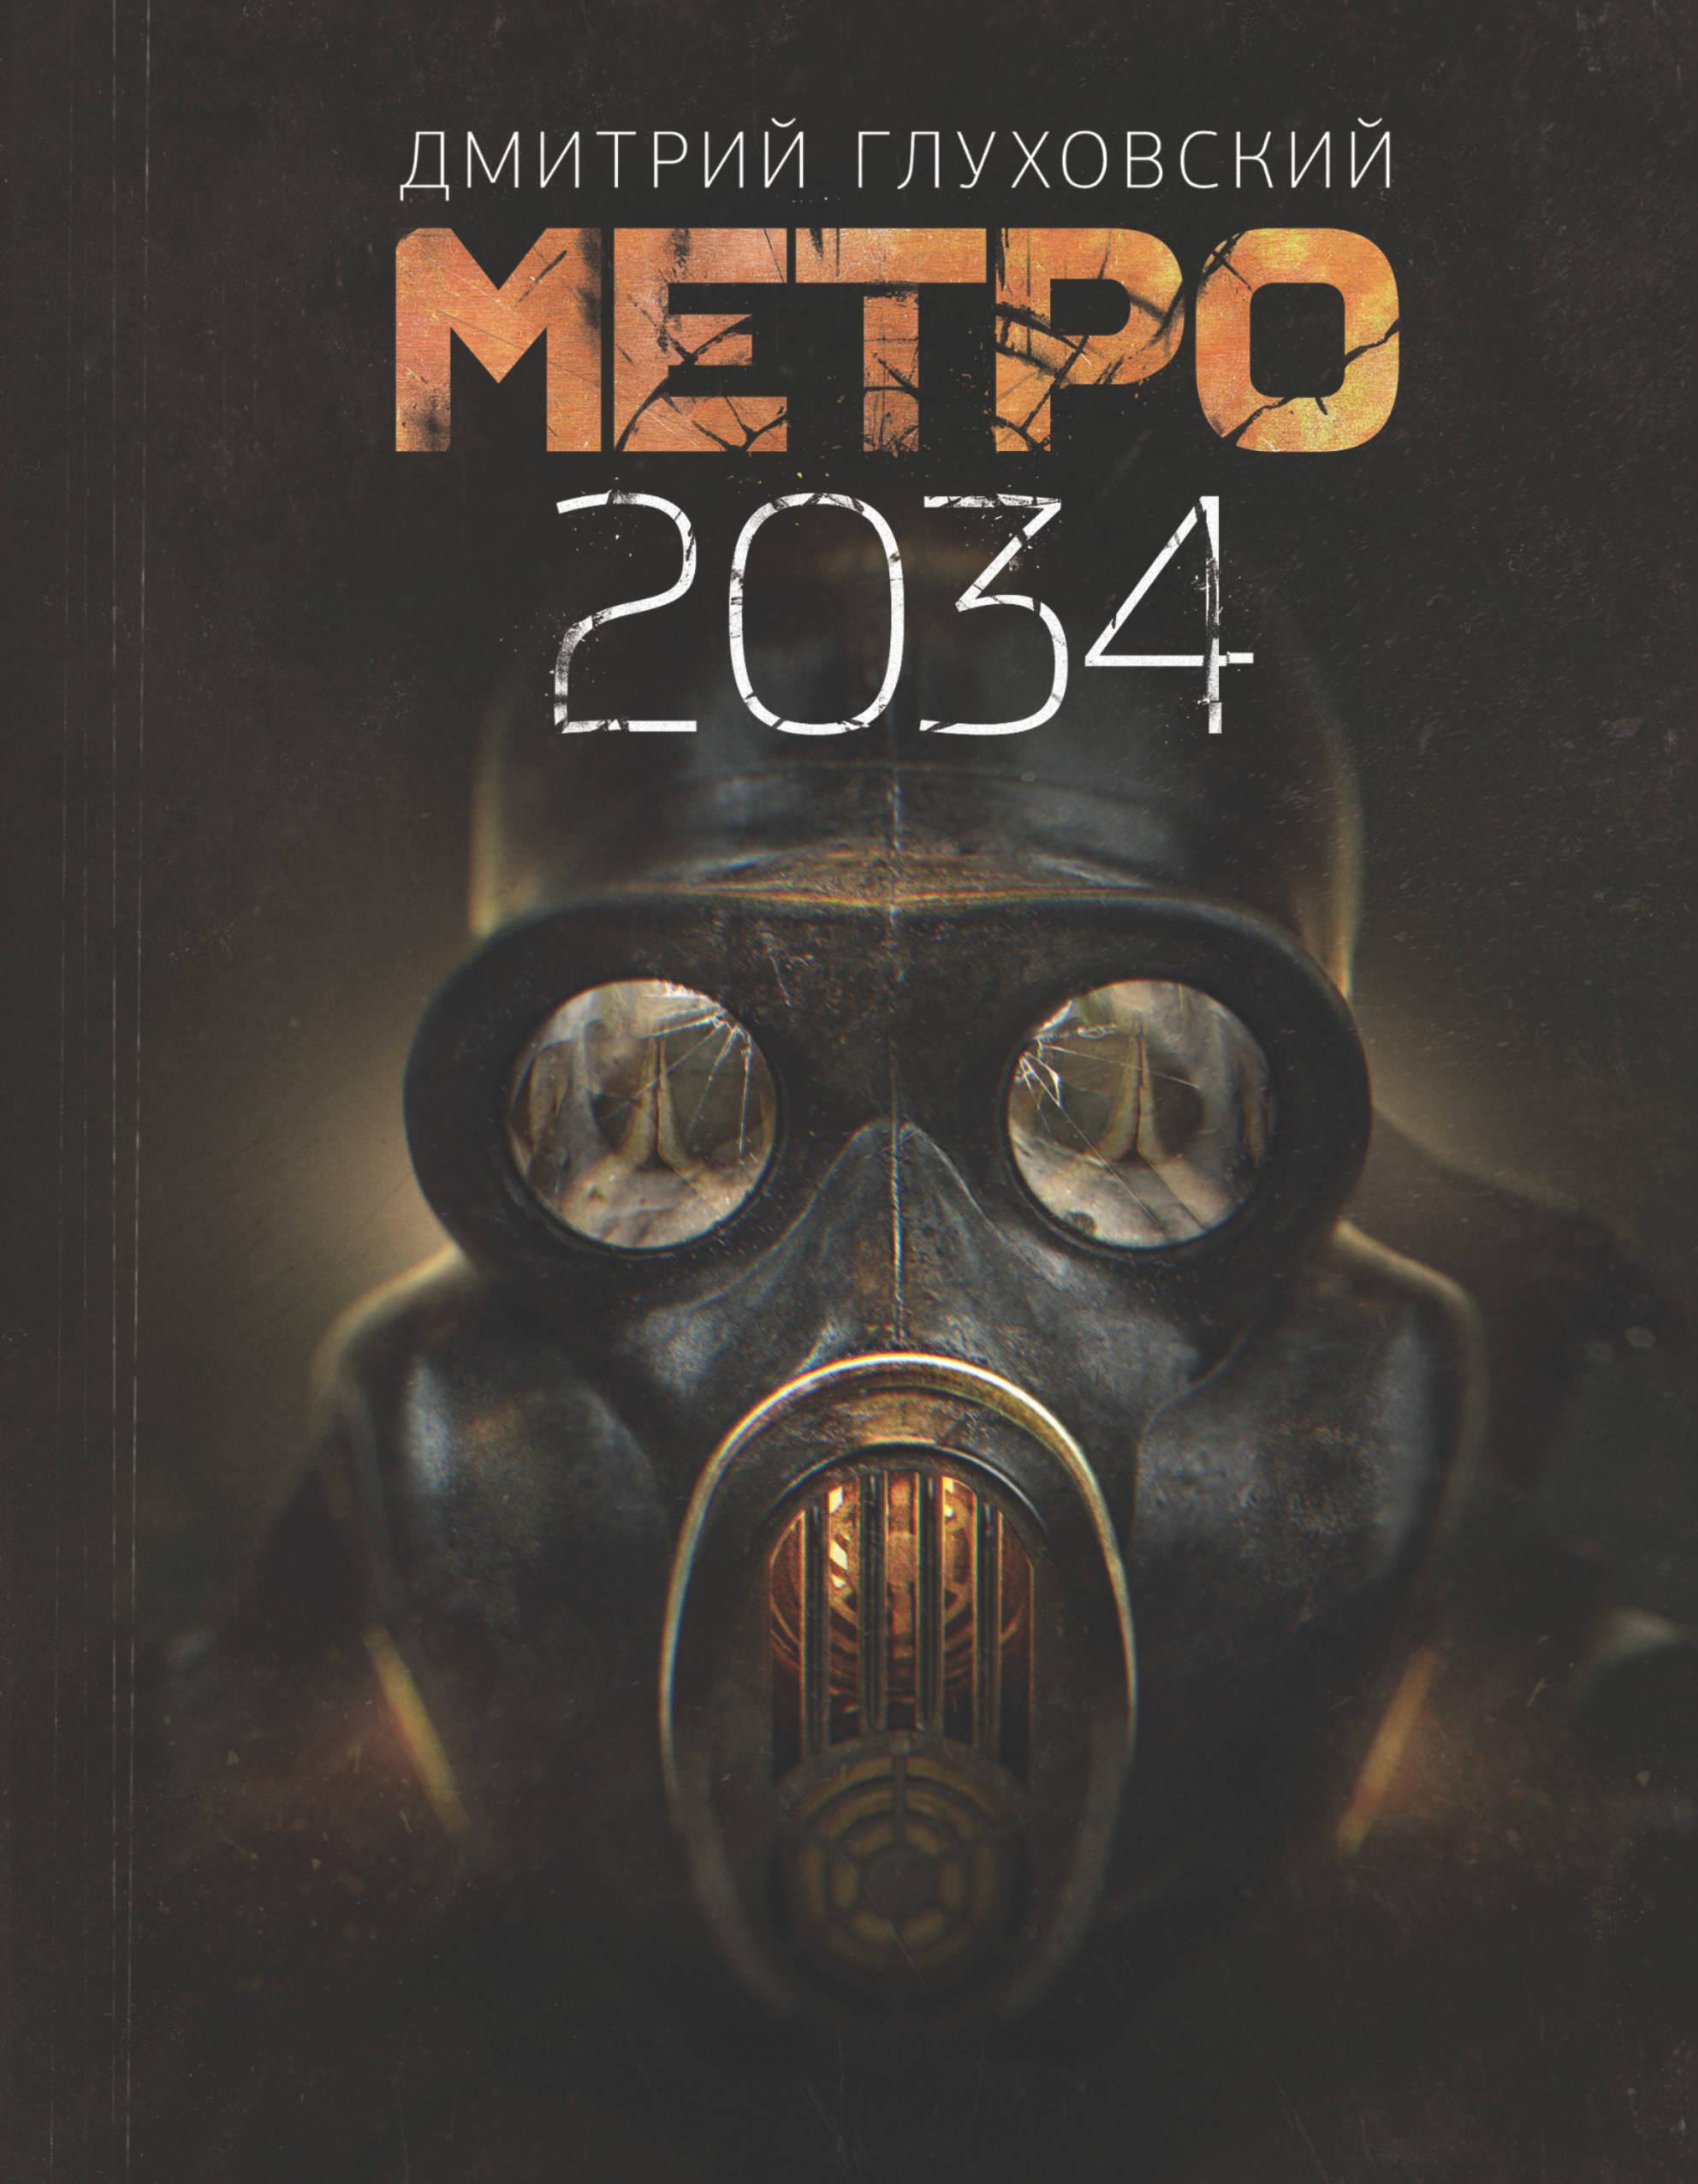 Метро 2034   Глуховский Дмитрий Алексеевич